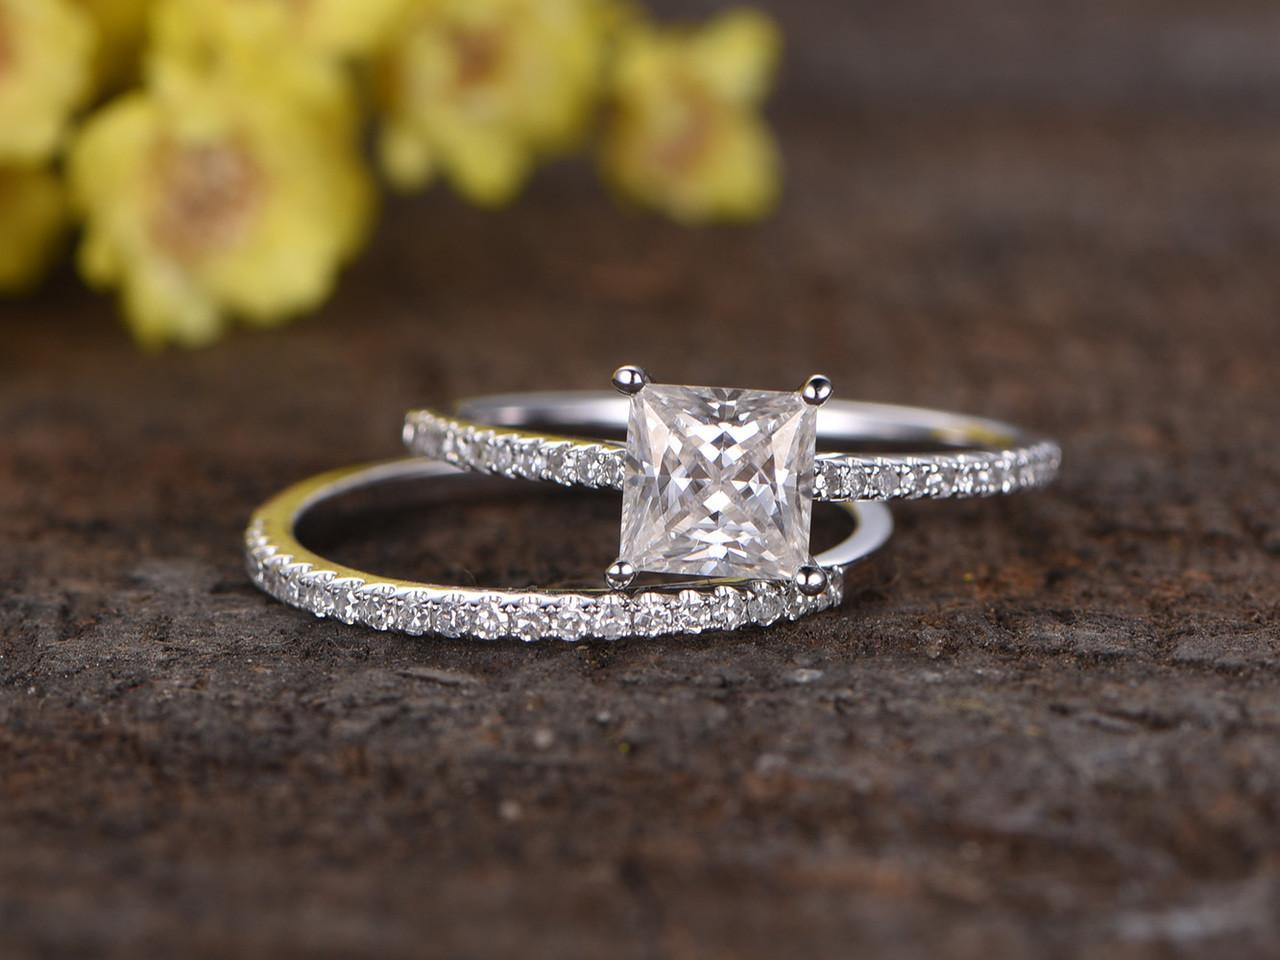 1 Carat Princess Cut Moissanite Engagement Ring Set